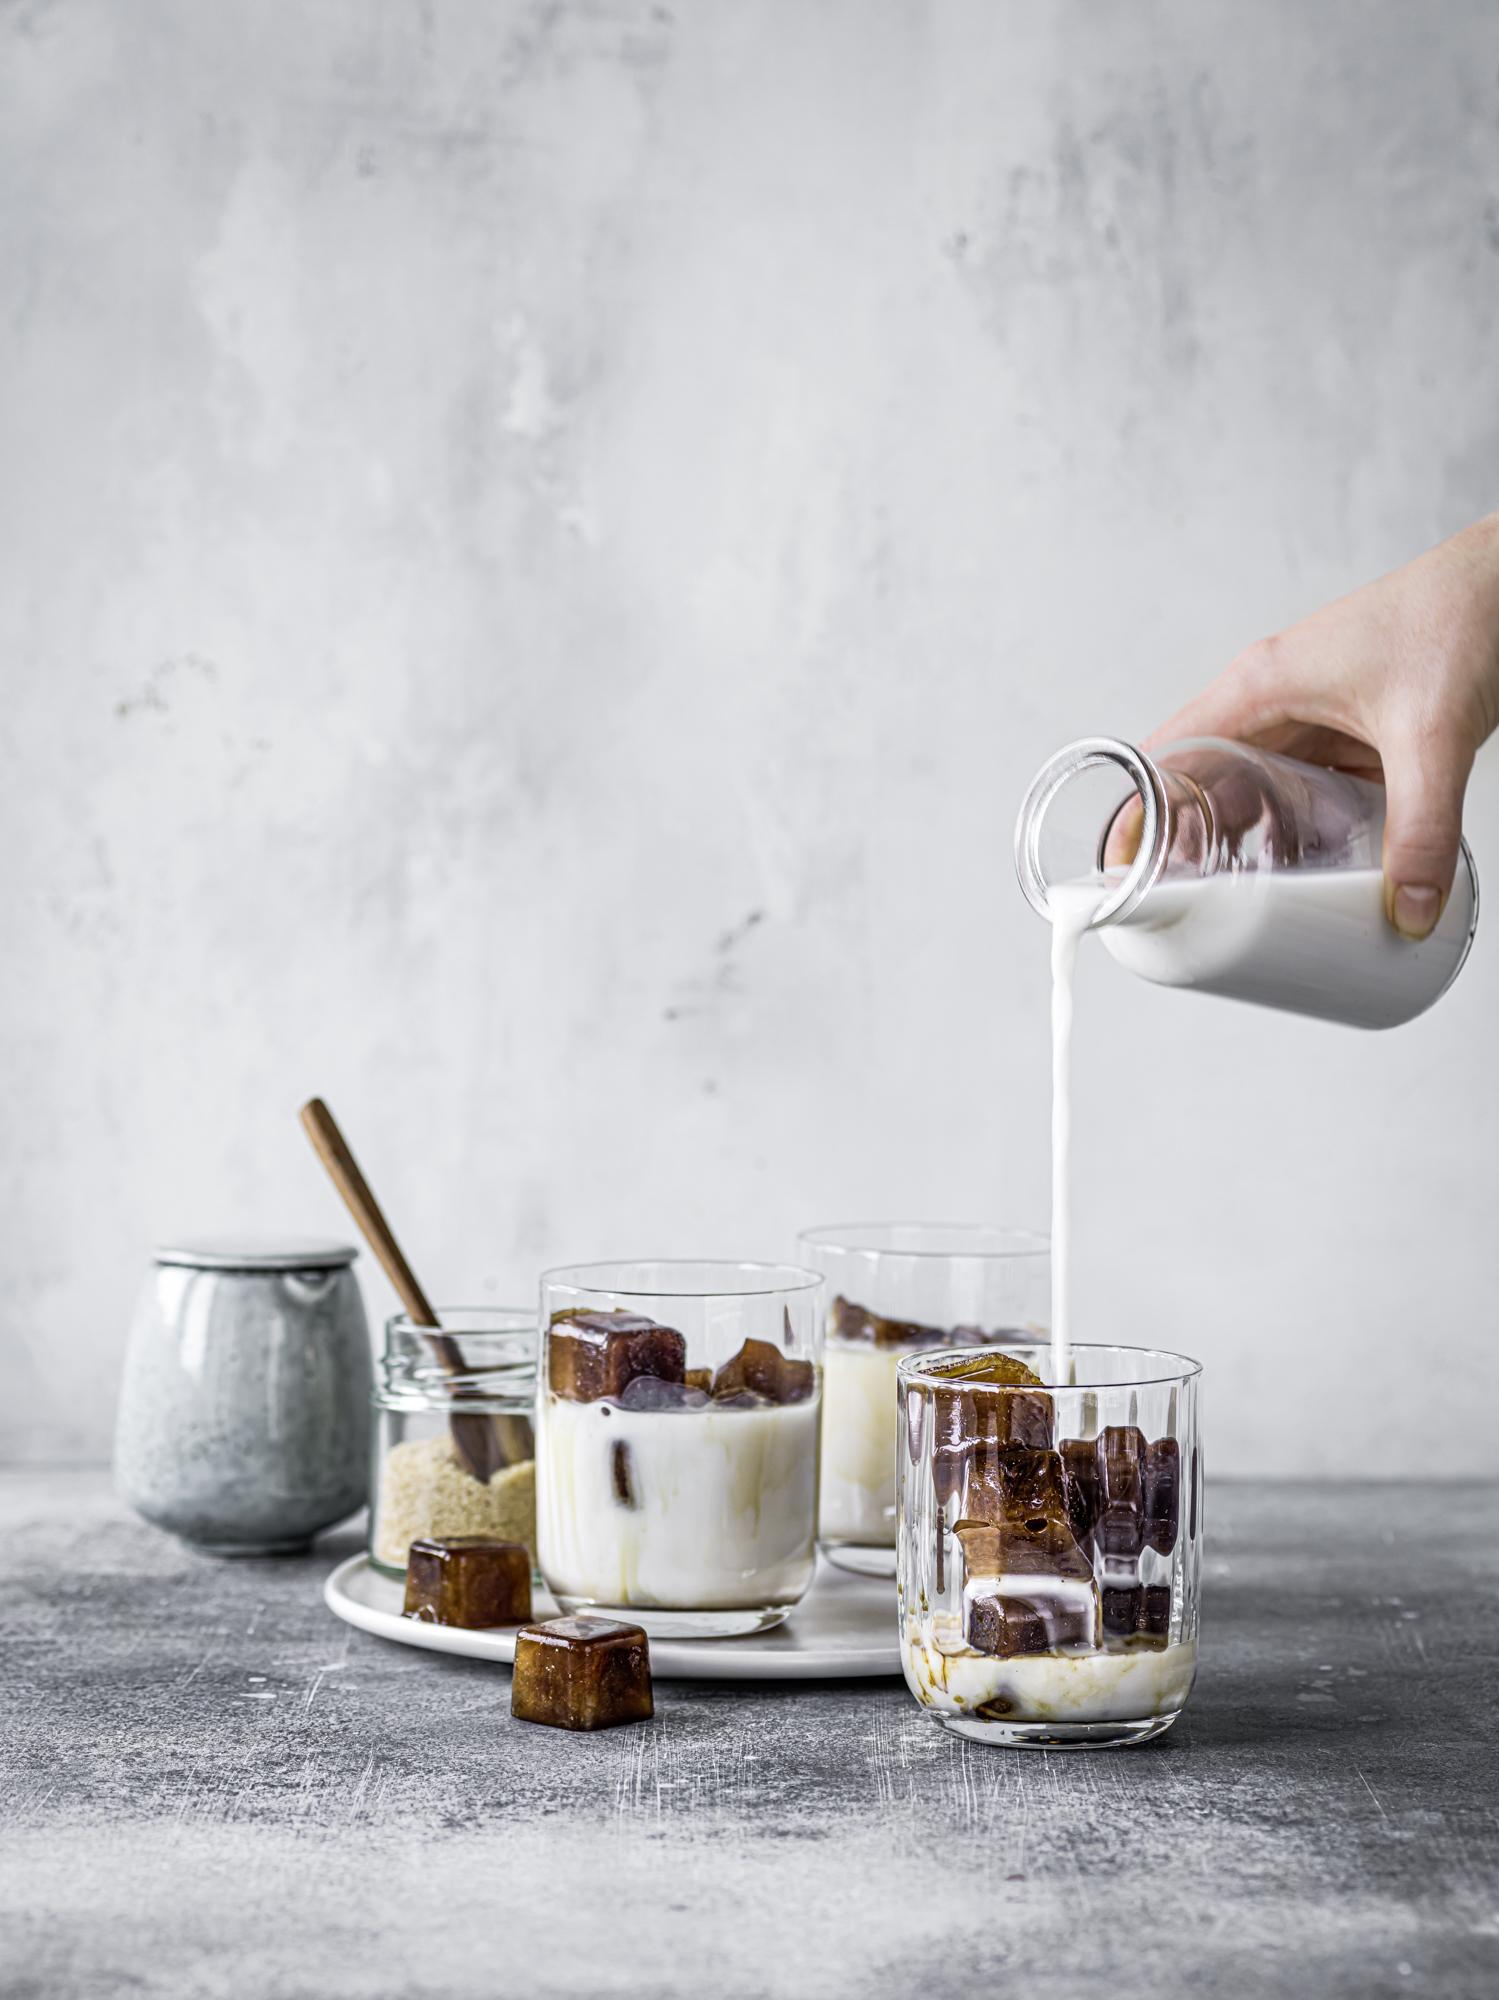 Kaffee-Fotografie   Stefan Schmidlin Fotograf Basel, Bild 6.jpg